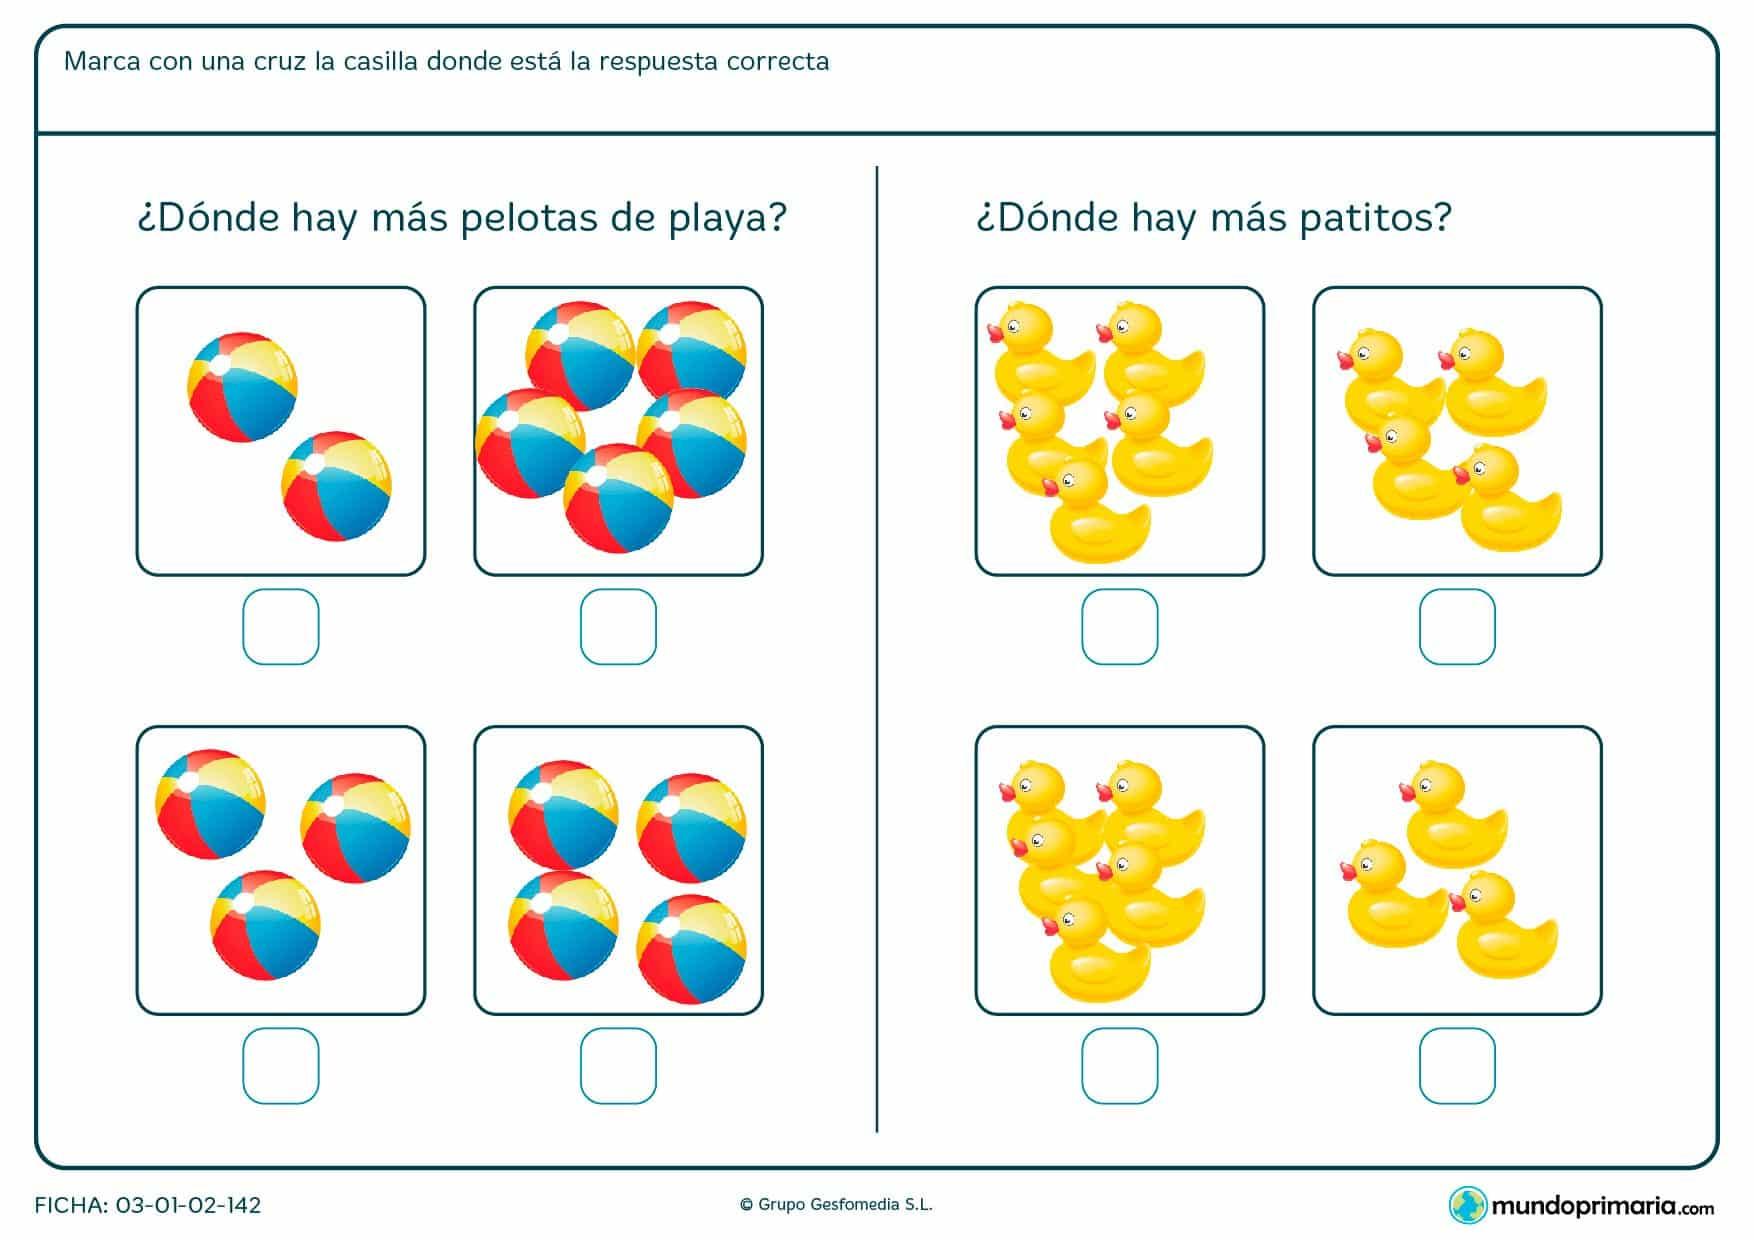 Ficha de indicar la imagen con mayor cantidad en el que hay que elegir la imagen correspondiente de entre las opciones propuestas.